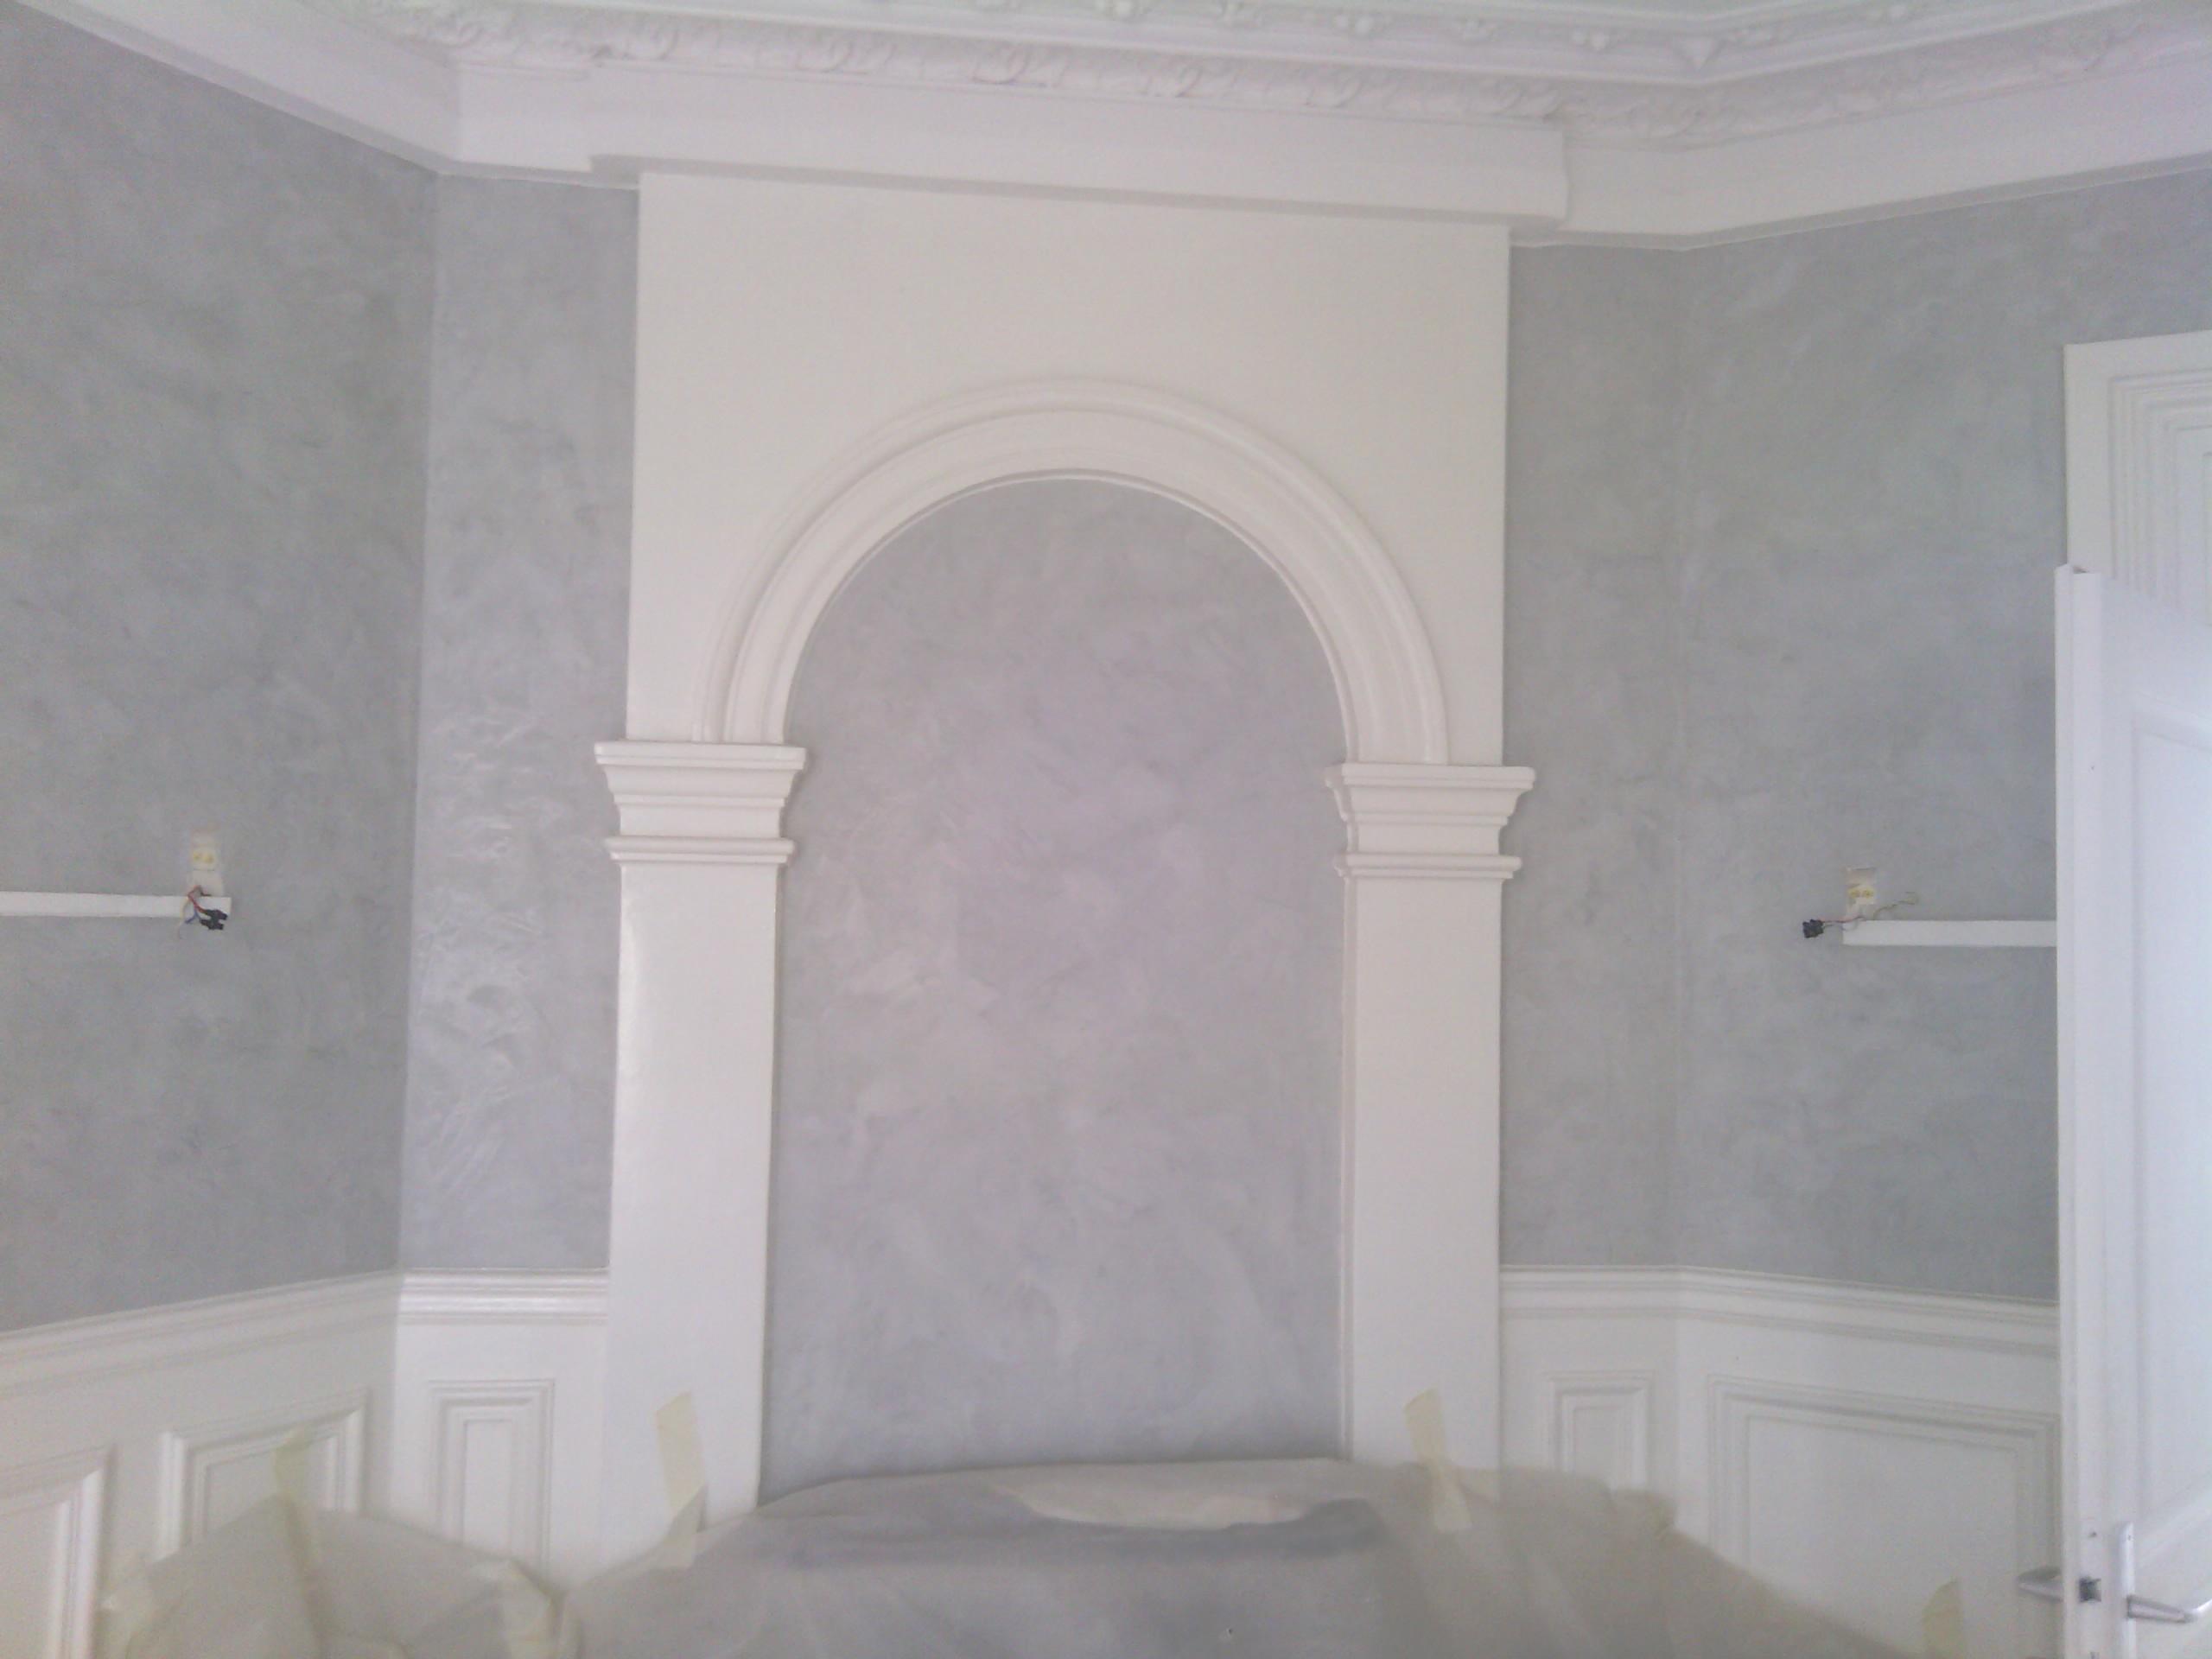 travaux d interieure, artisan spécialisé en Rénovation complète d'appartements, pavillons, bureaux